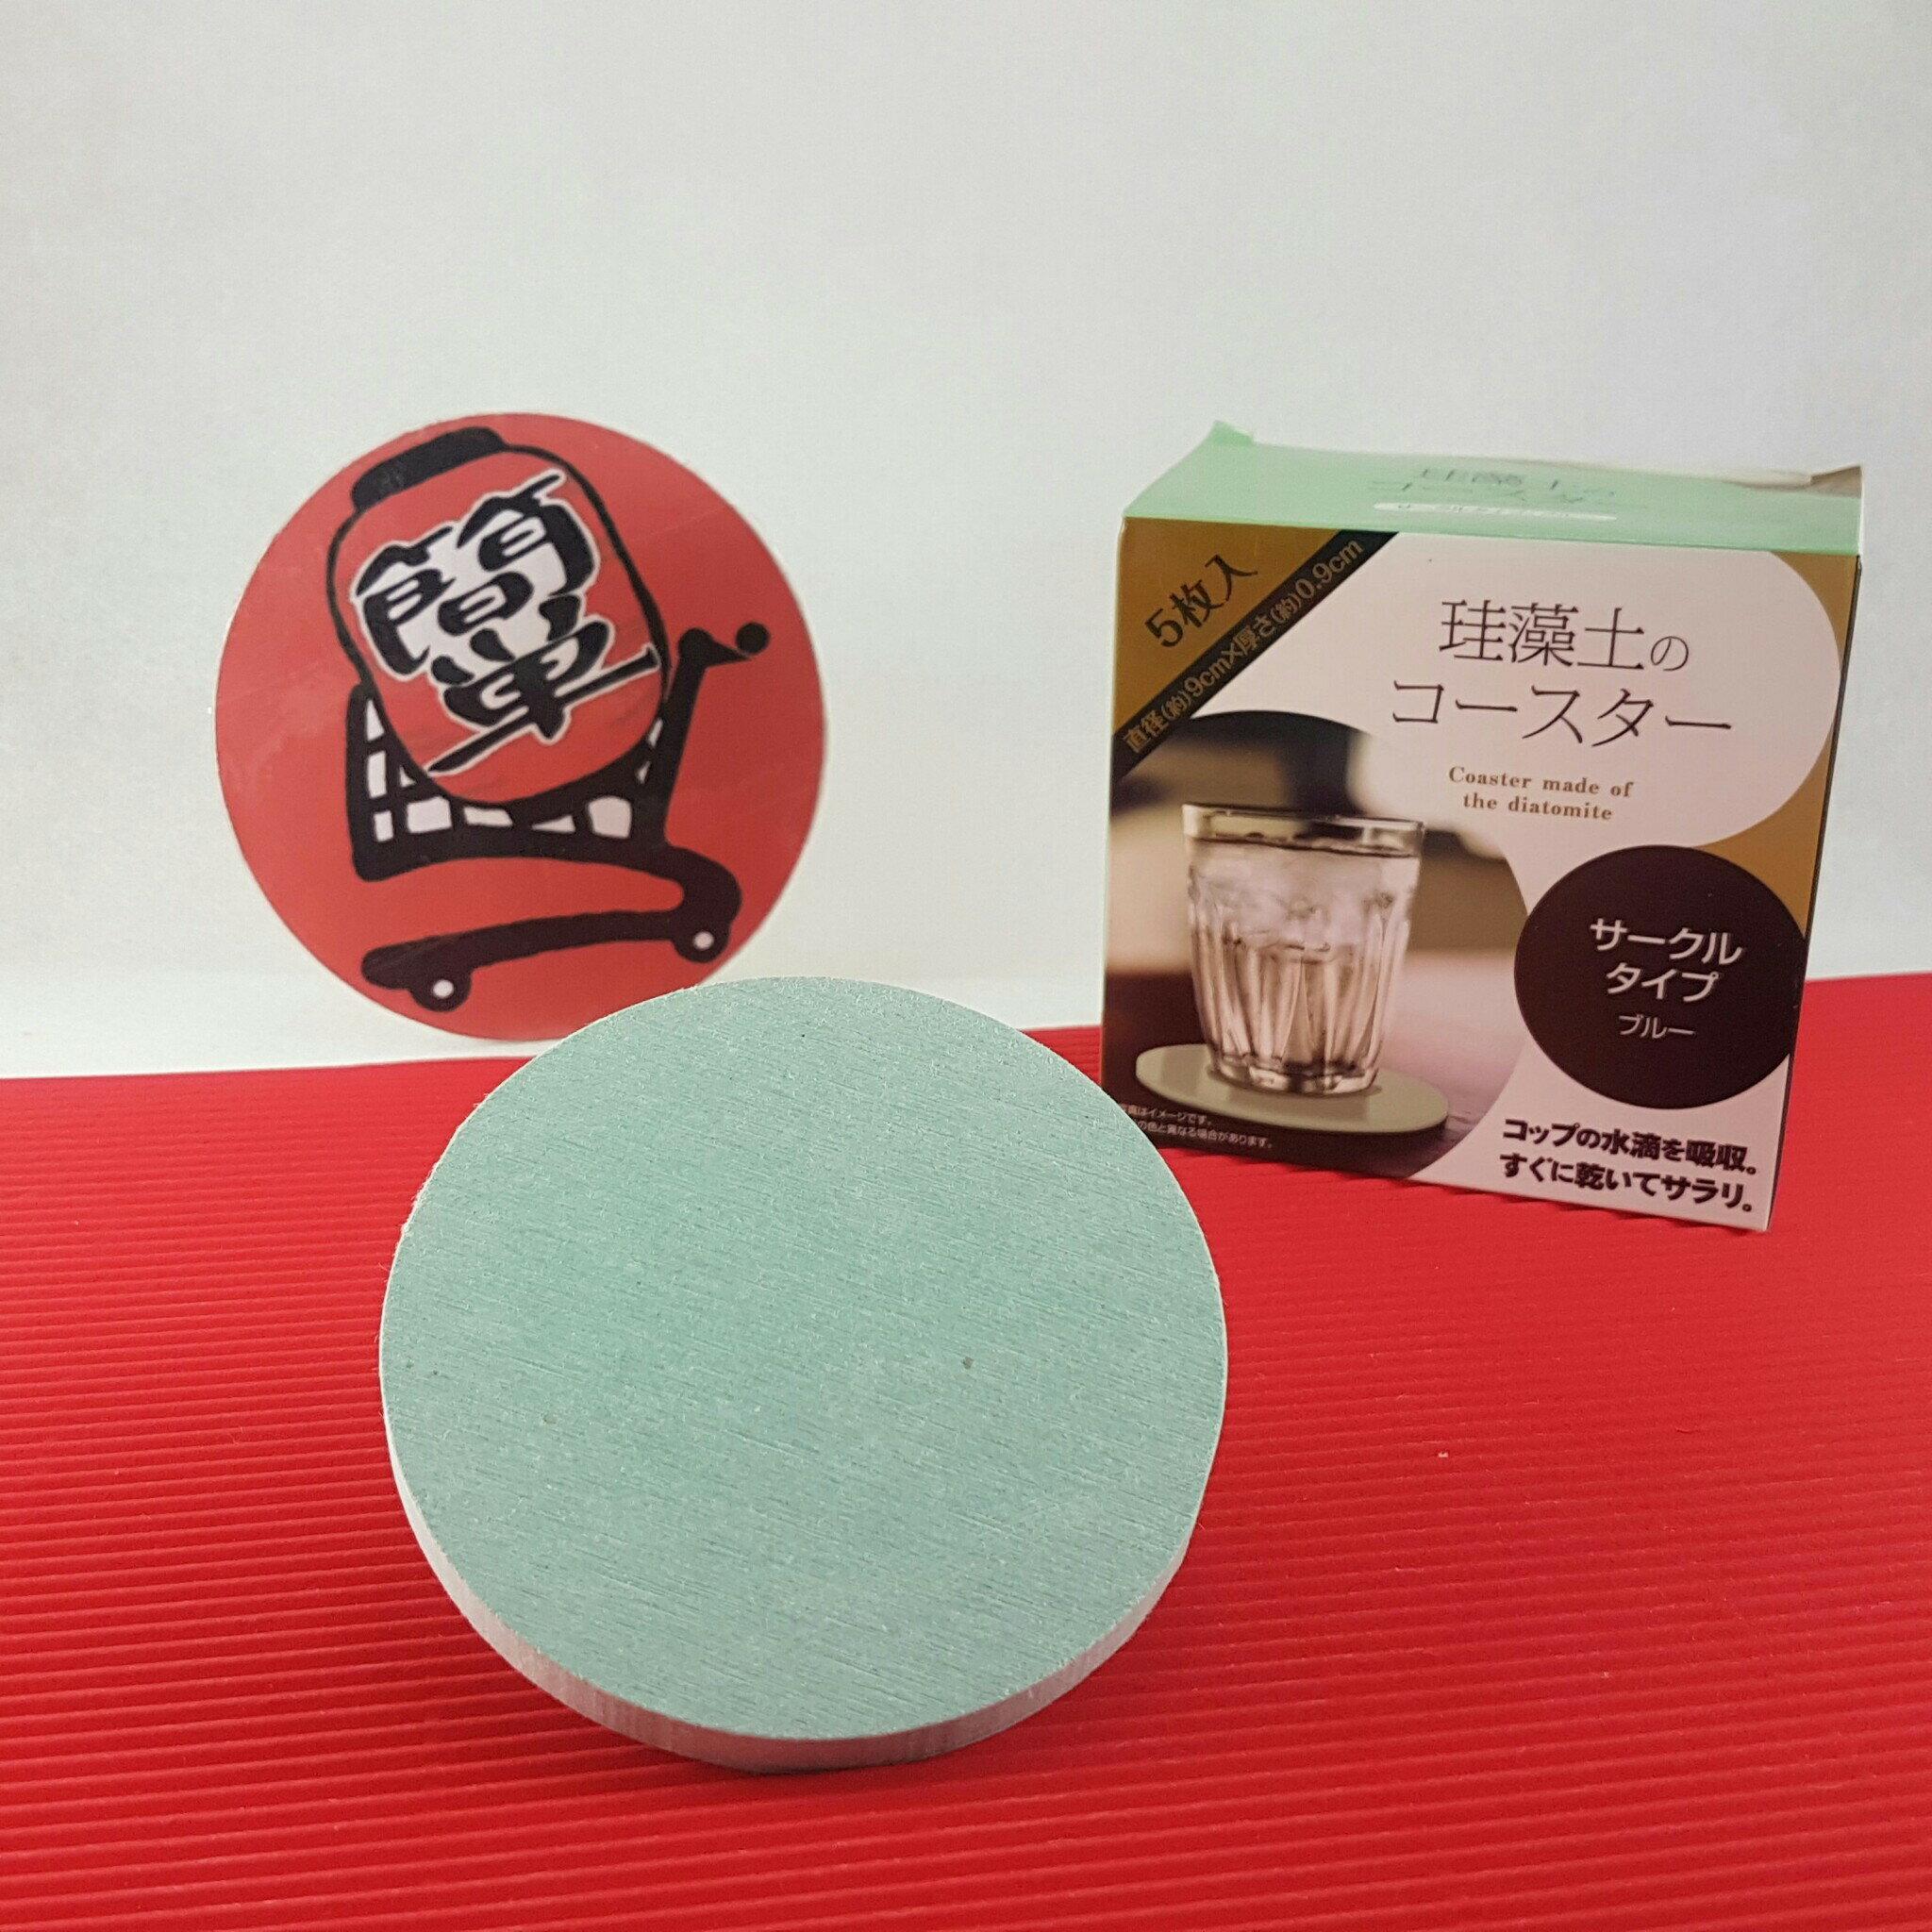 『日本代購品』 HIRO正版 速乾珪藻土 圓型杯墊 一盒五入 藍綠色